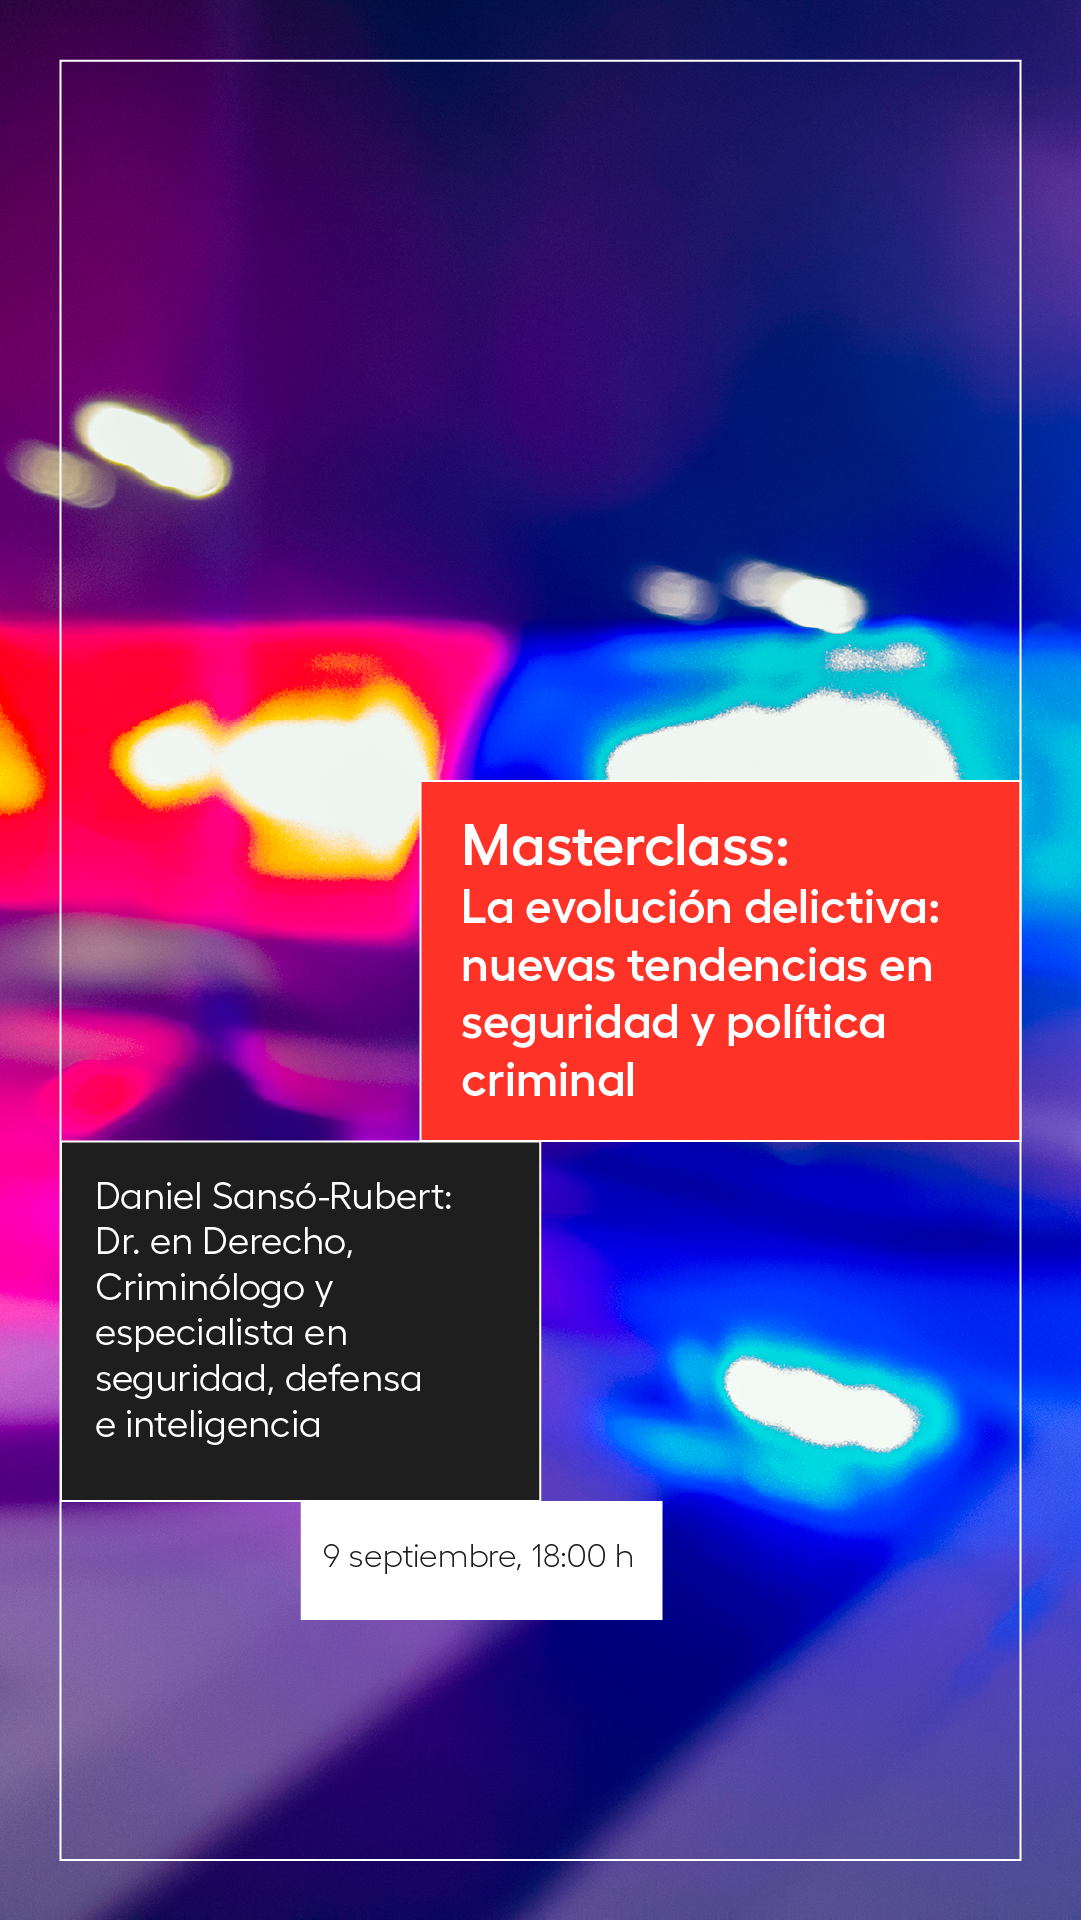 Masterclass grado criminología Universidad Europea CPPM